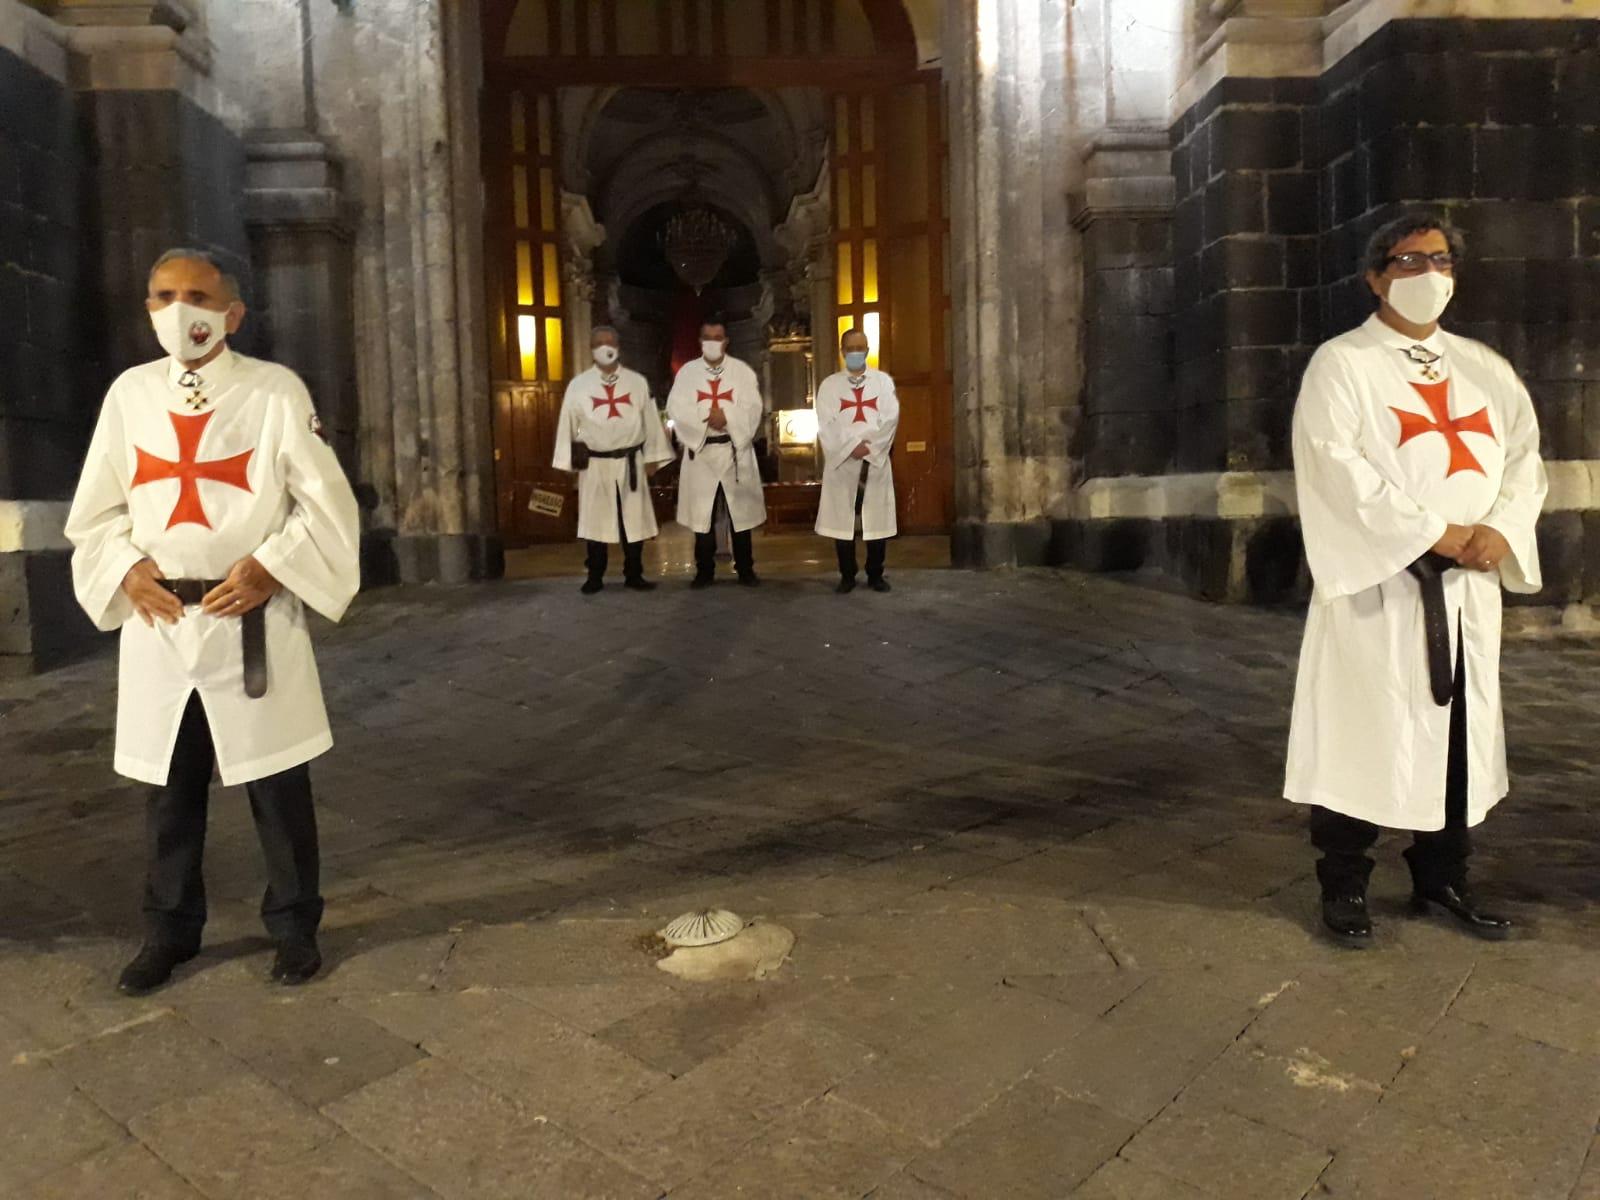 Turno di apertura e custodia- Santuario Basilica Maria SS. Annunziata al Carmine – Catania 12.09.2021